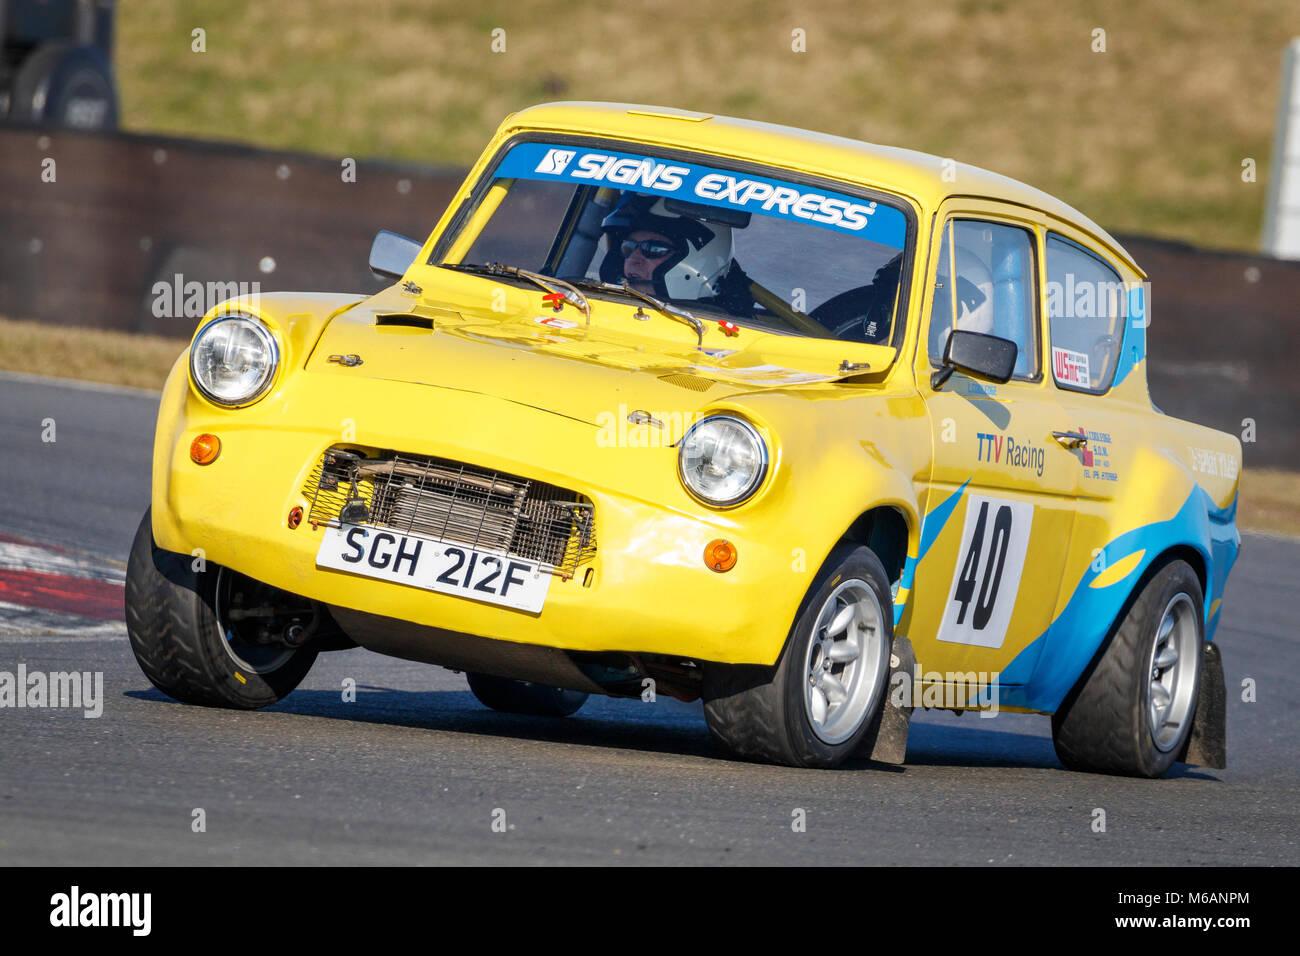 Car Club Racing At Snetterton